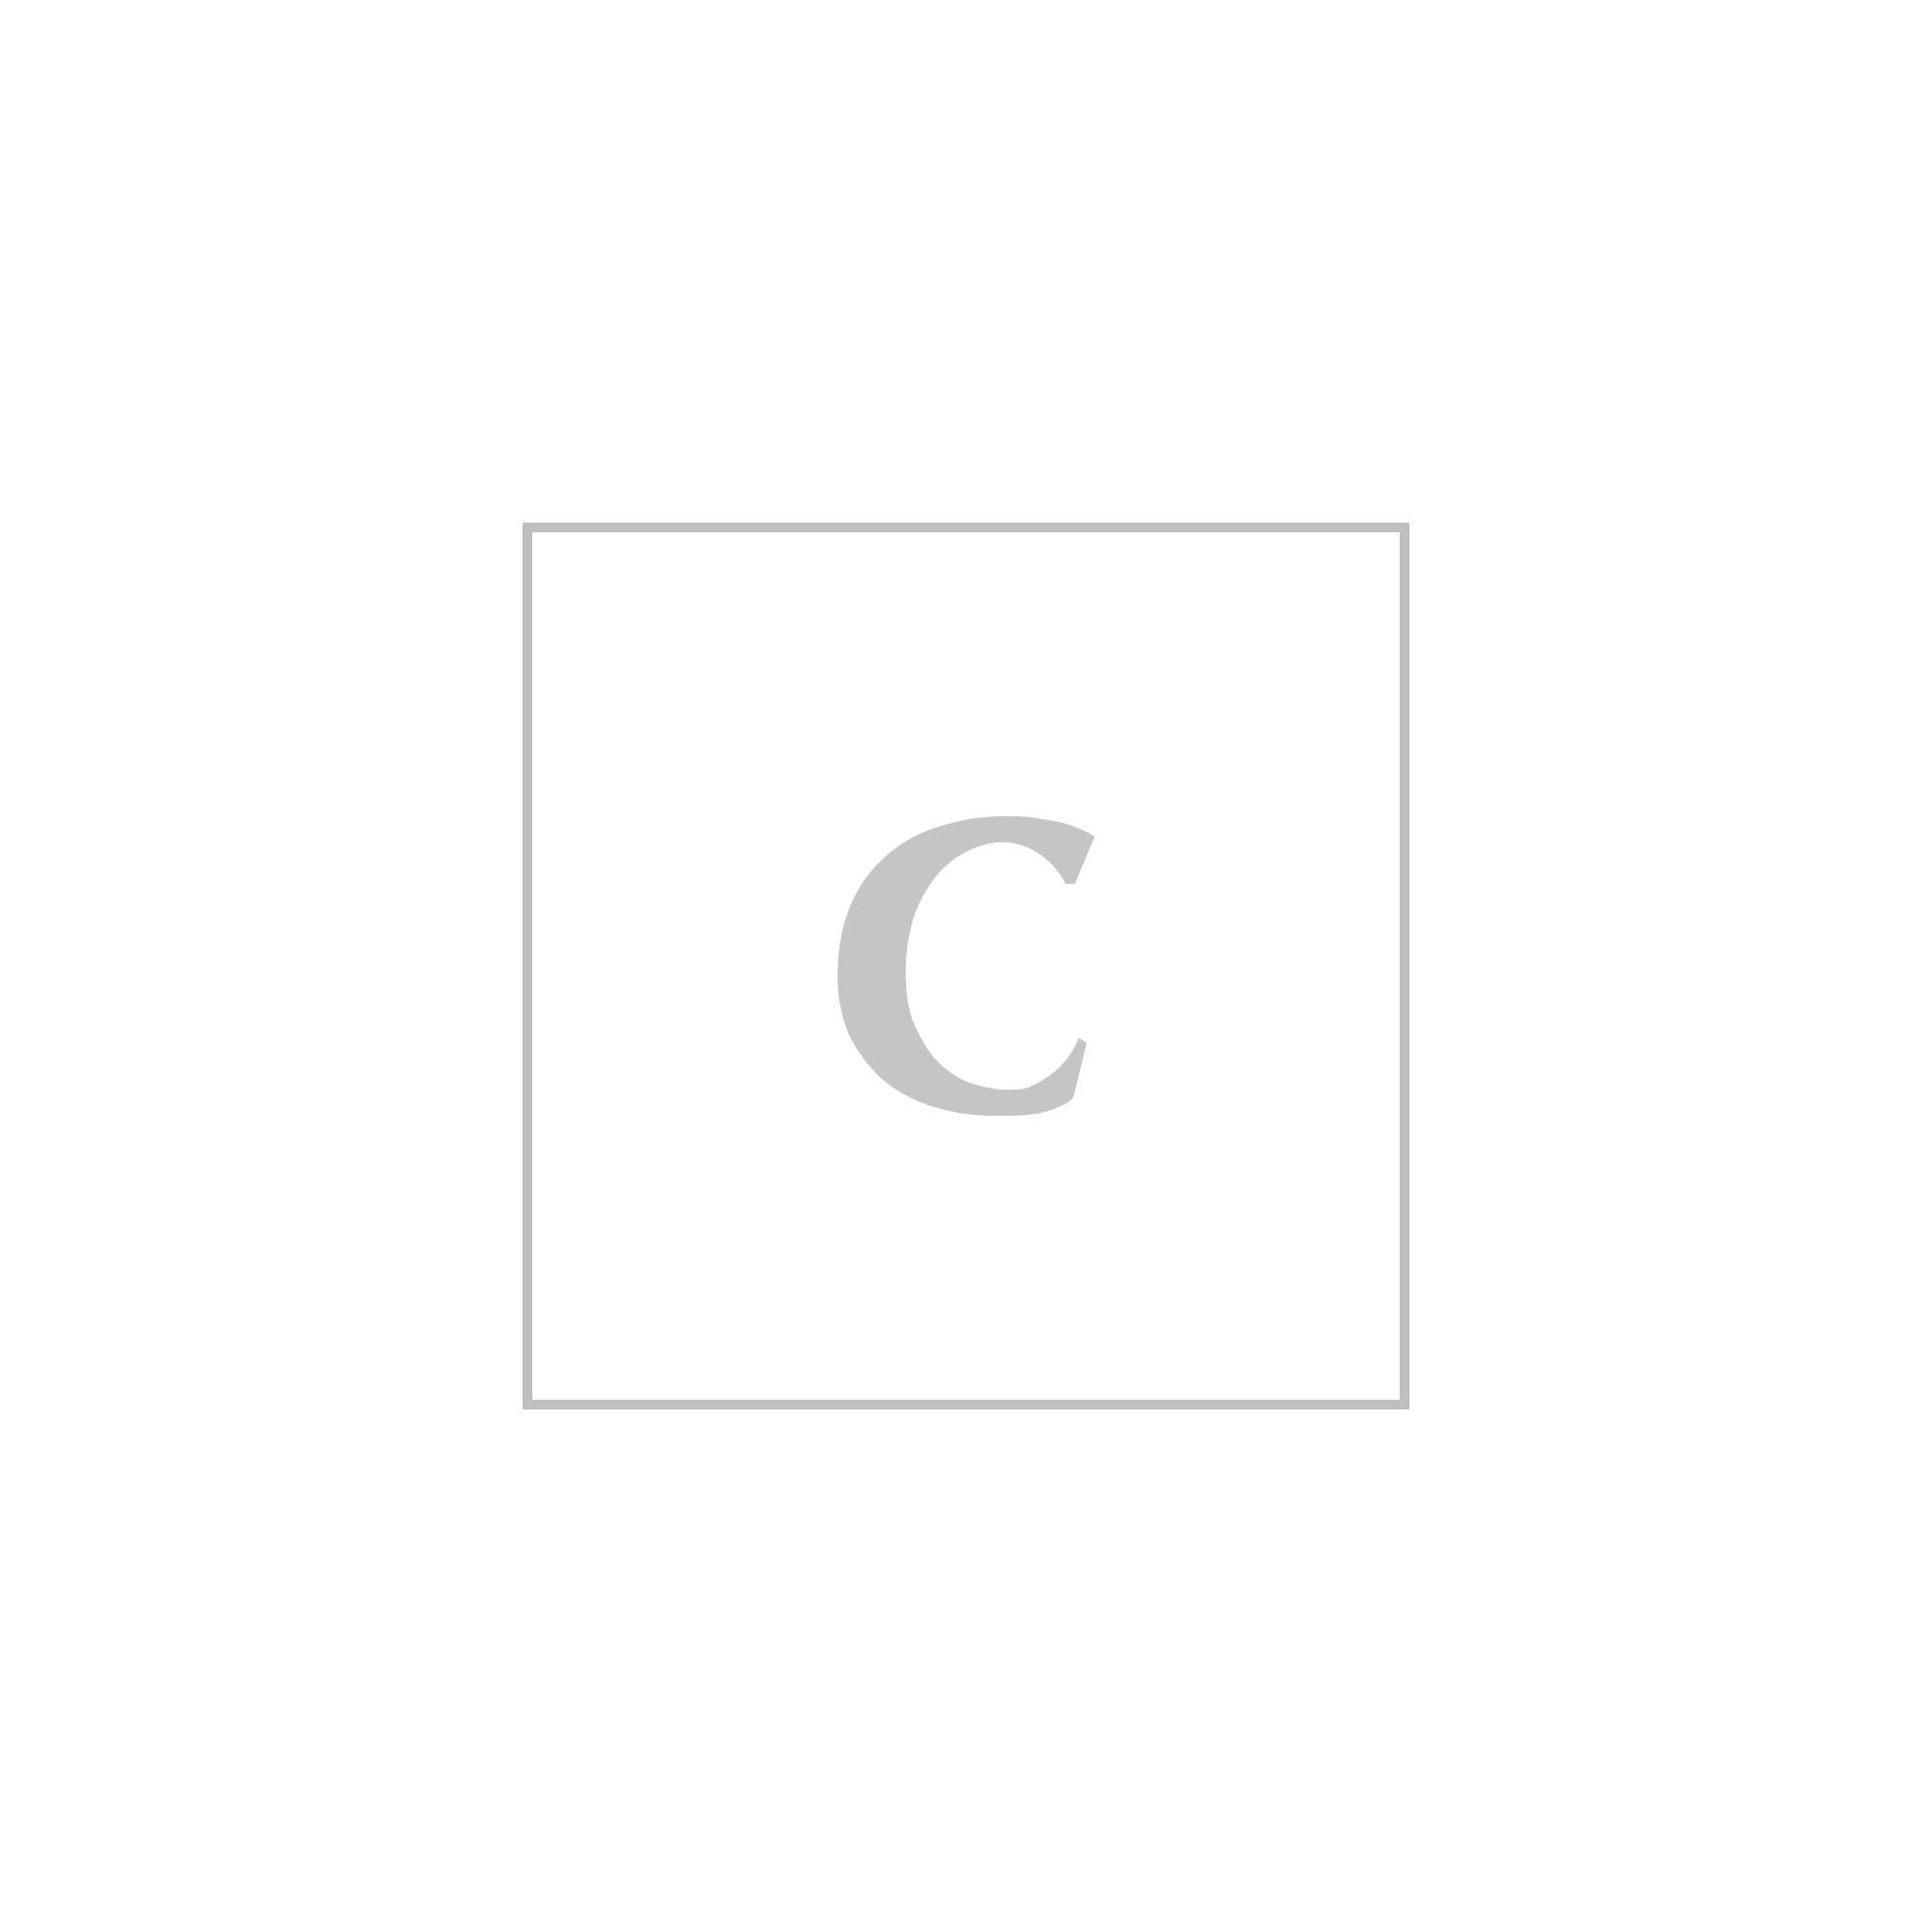 Dolce & gabbana sciarpa gerry 135x200